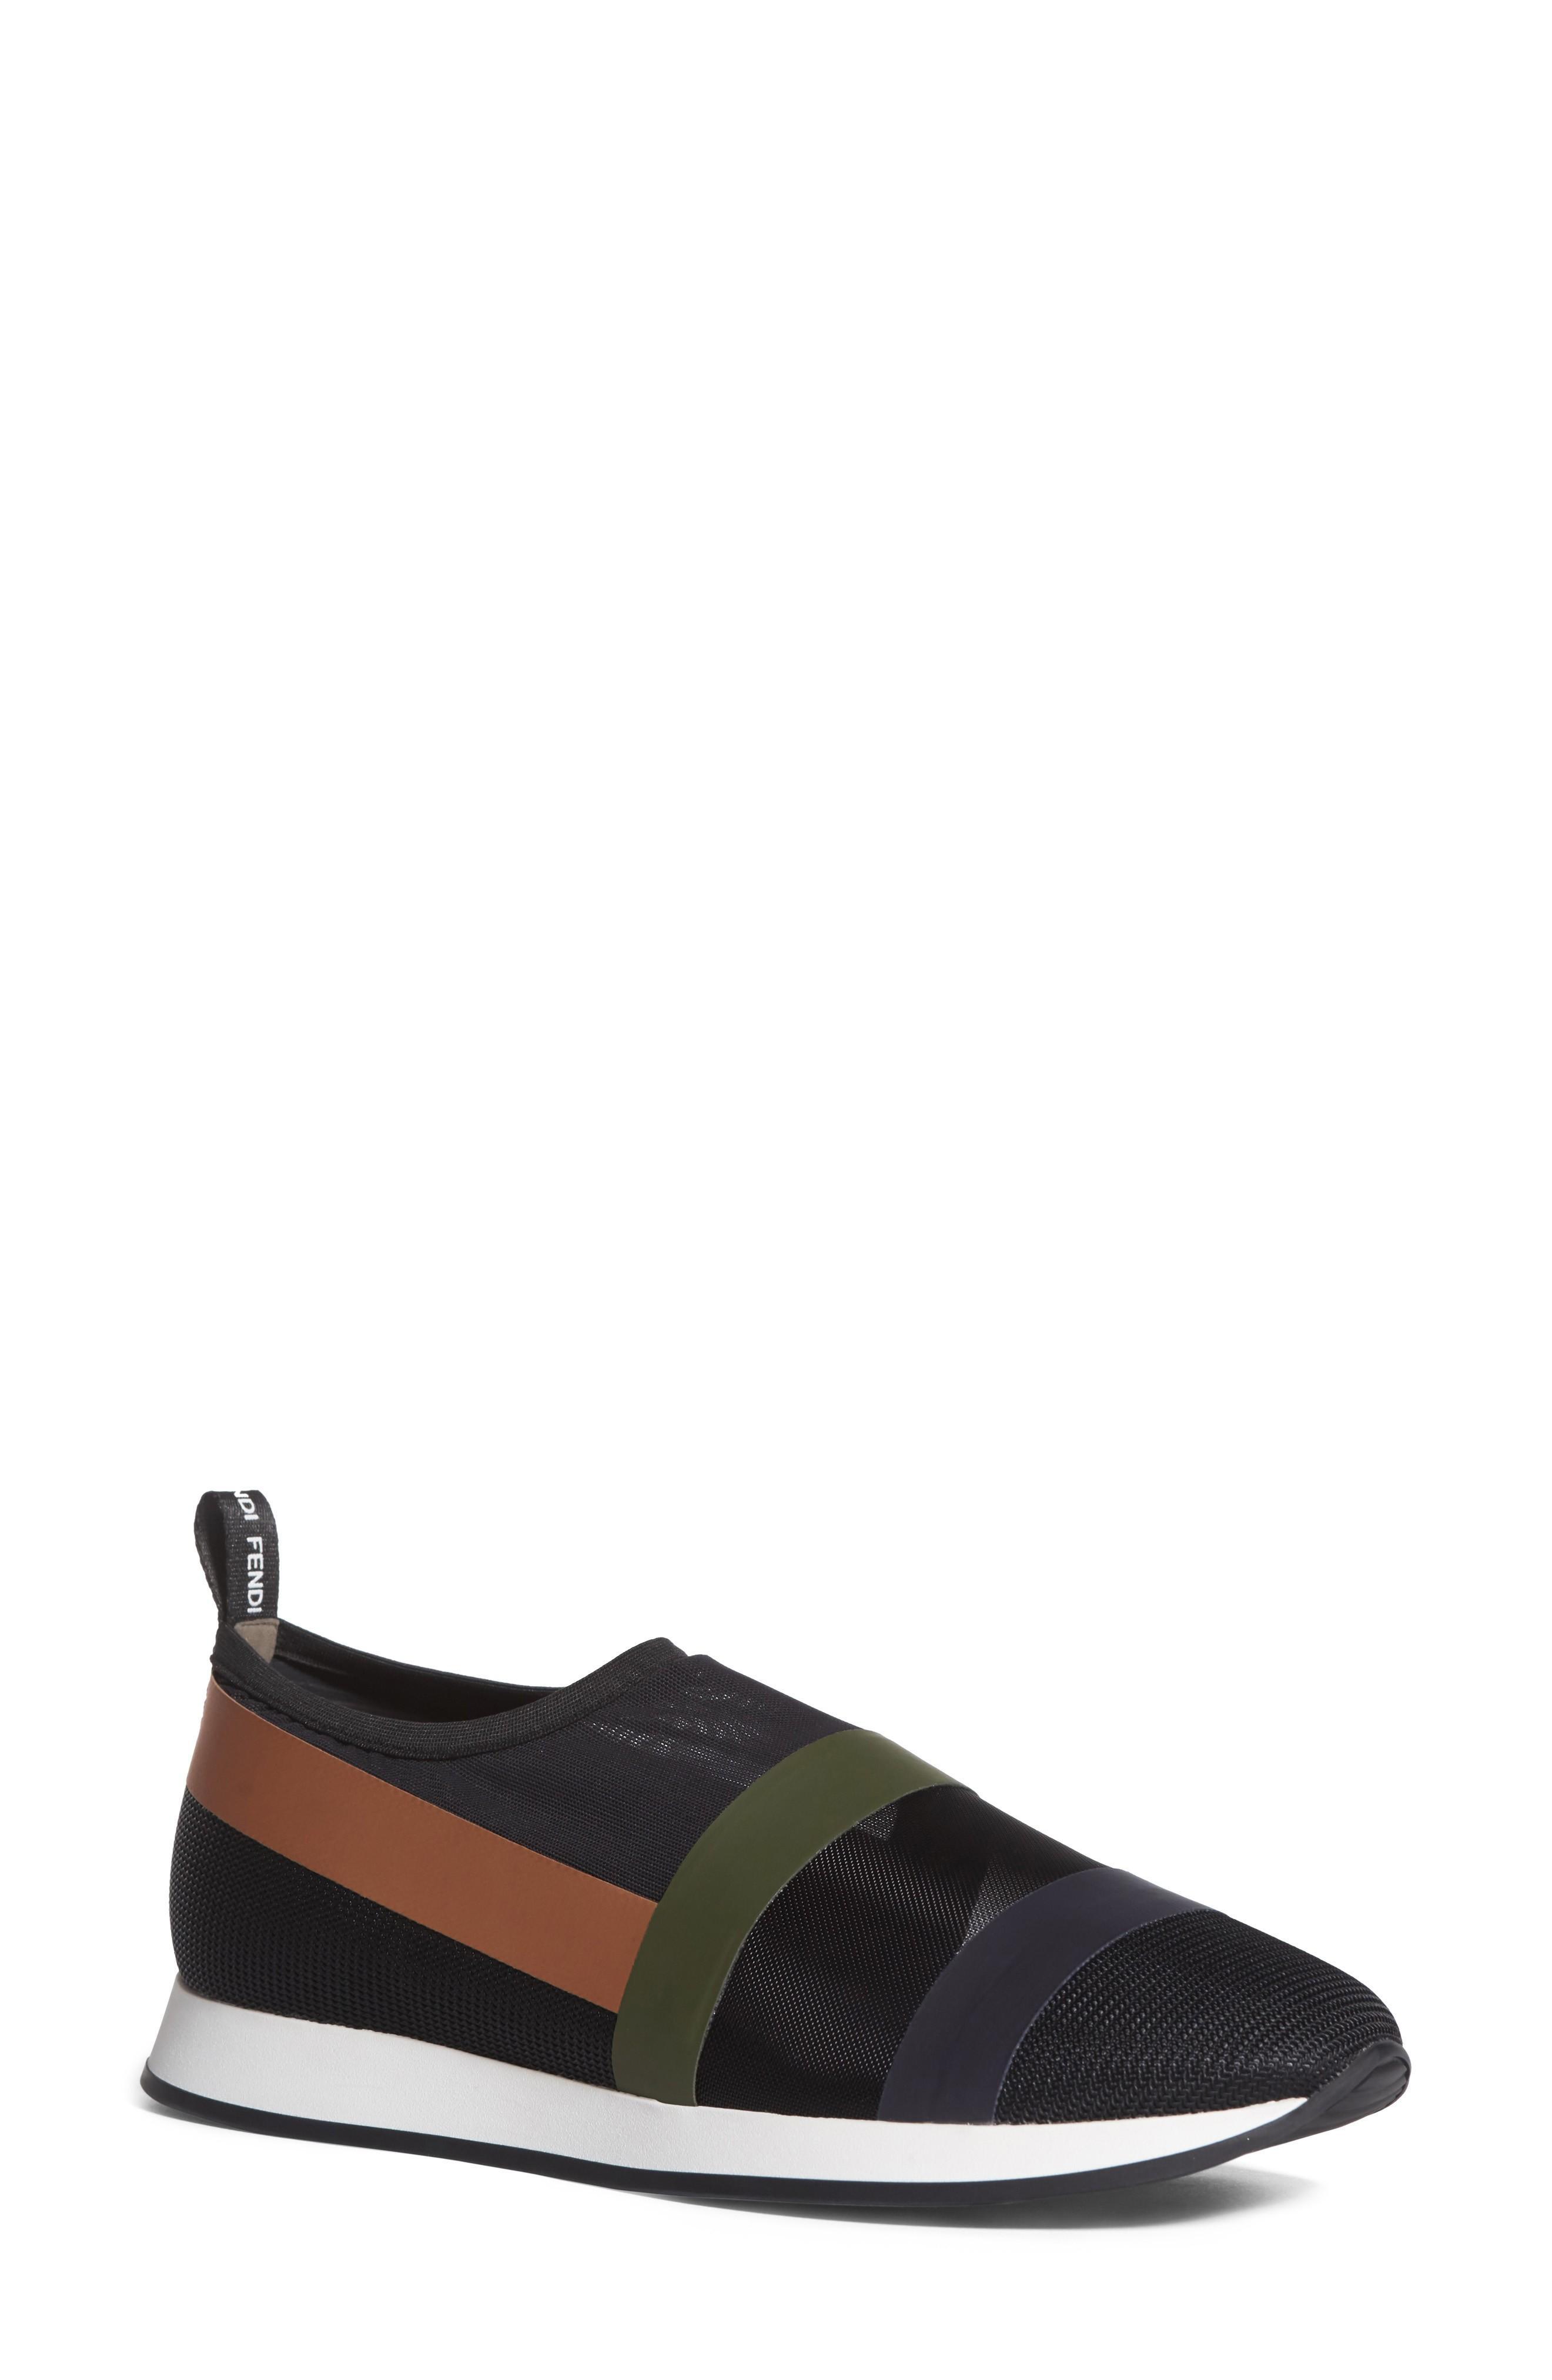 Fendi Slip-on Sneaker In Black/ Beige